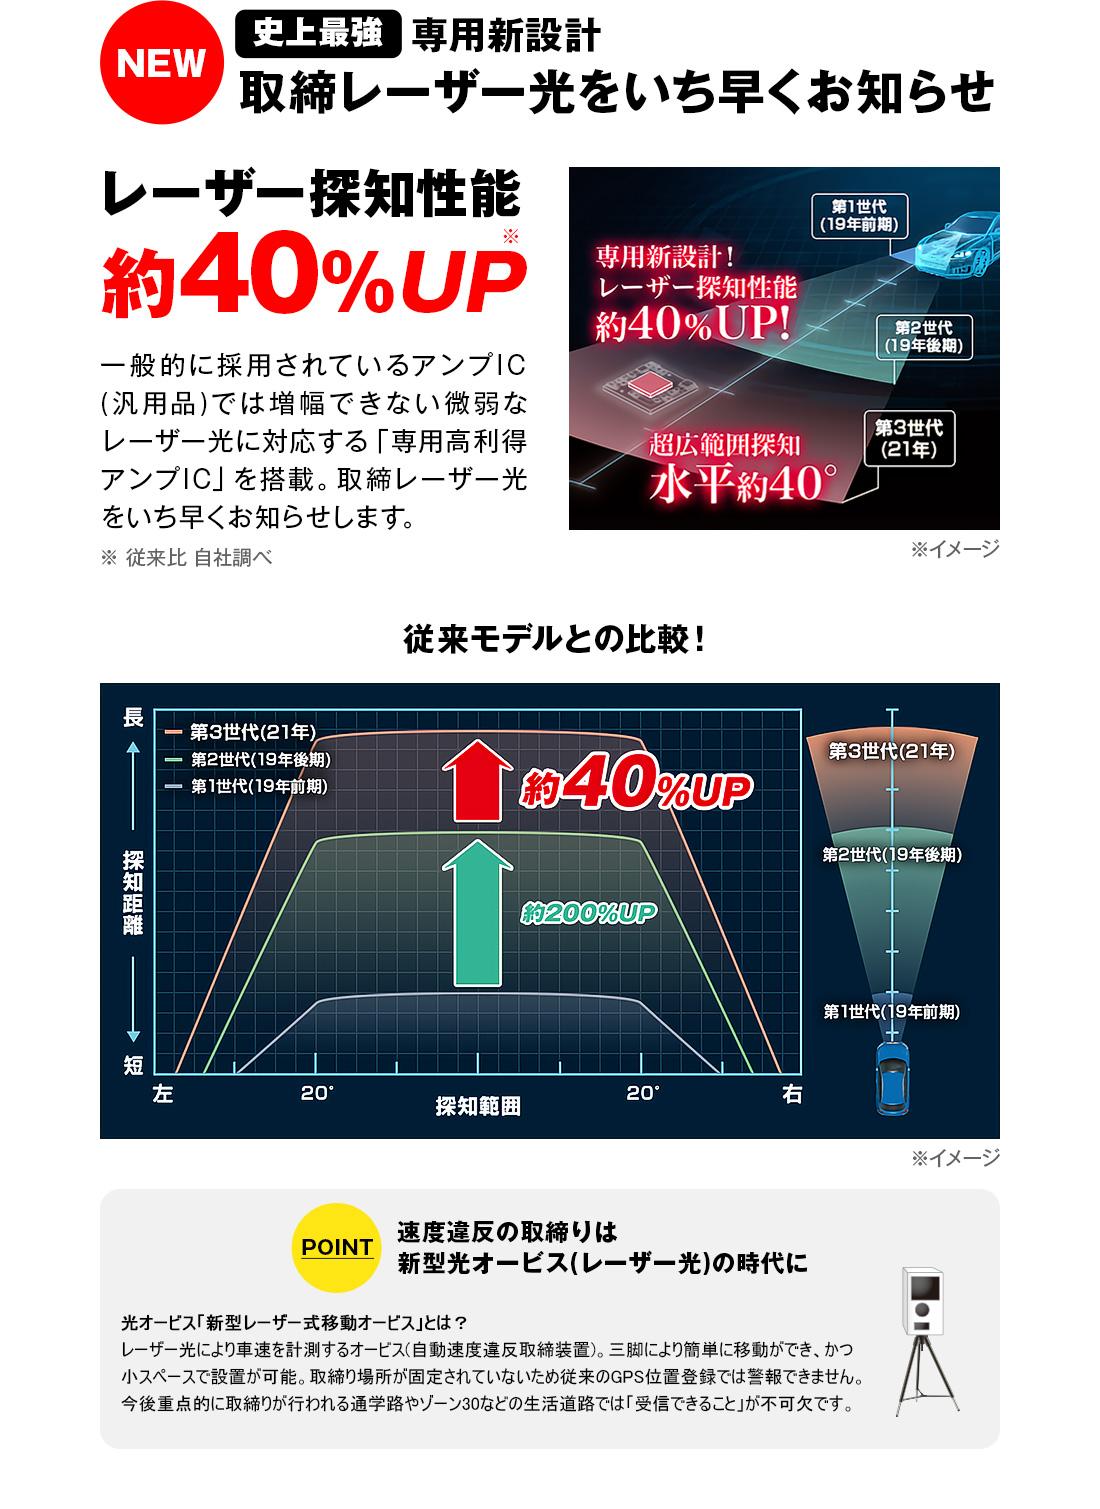 【あすつく対応】レーザー&レーダー探知機 ユピテル A370 3年保証 日本製 新型レーザー式新型レーダー式オービス対応 送料無料 ( WEB限定 / 取説DL版 )